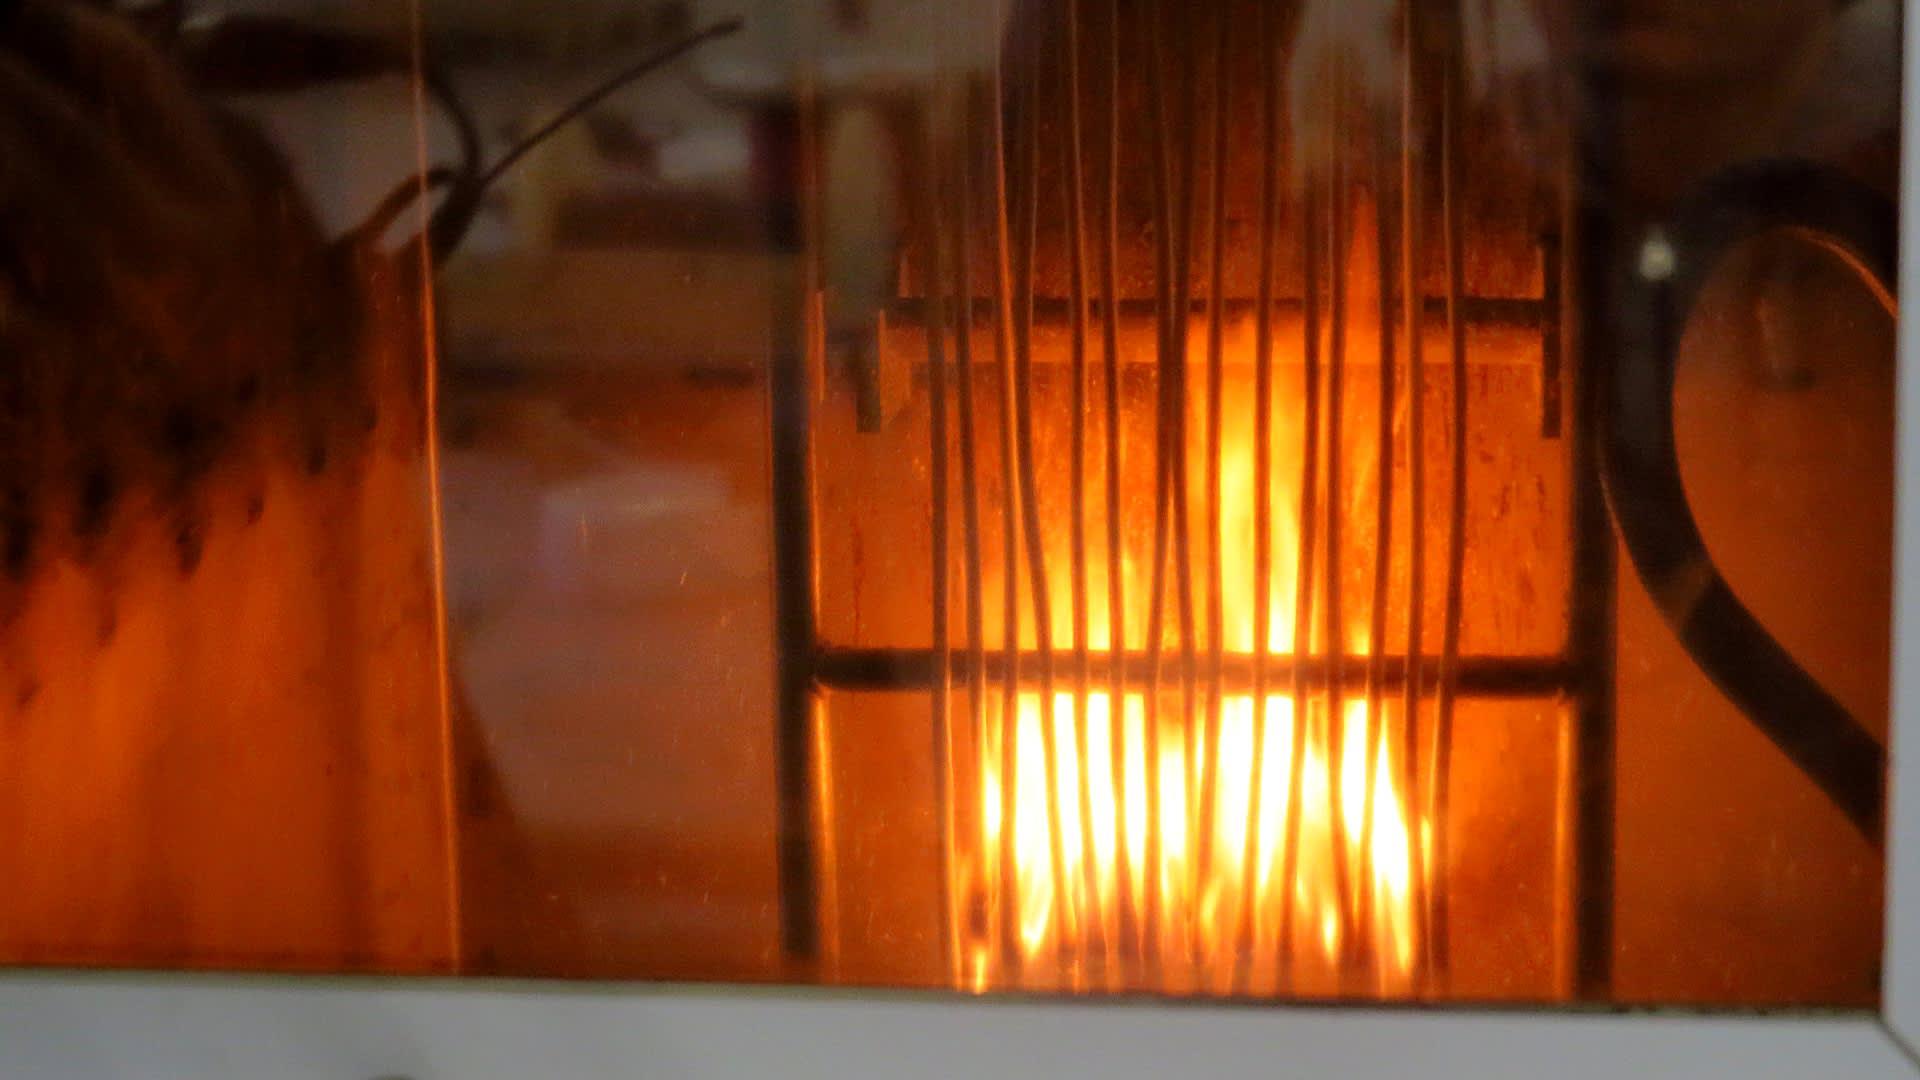 Palavia sähkökaapeleita pystyasennossa testausolosuhteissa